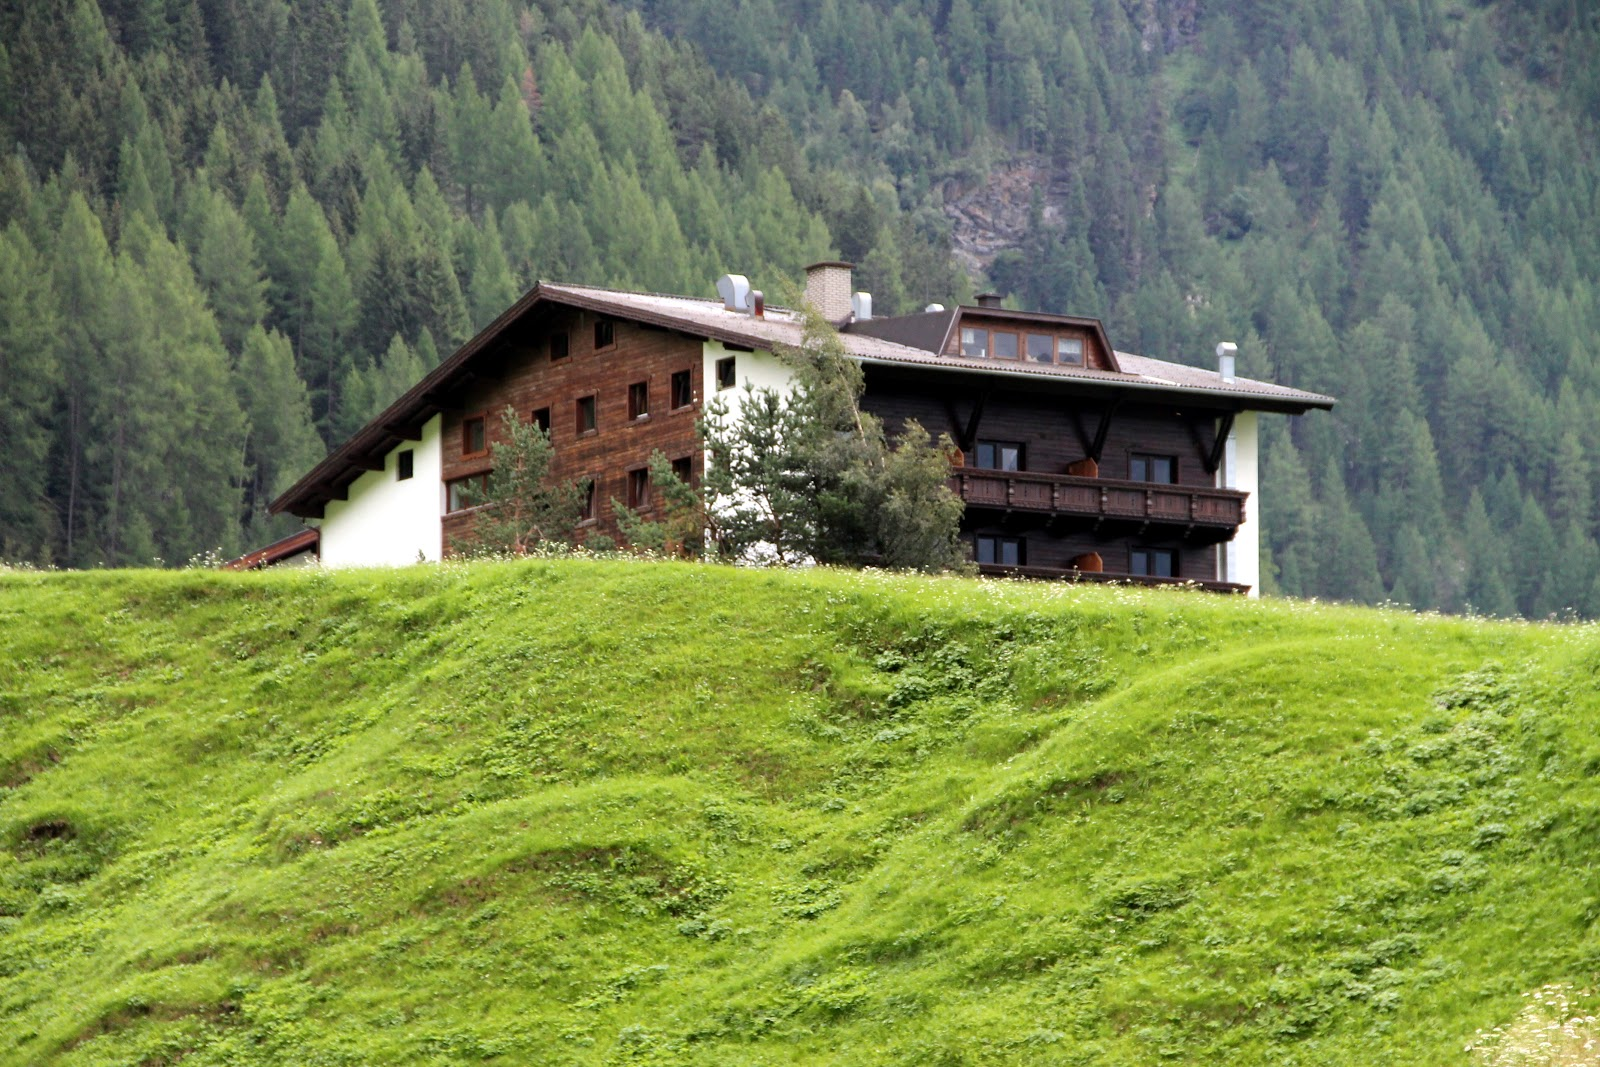 les trouvailles de towanda autriche 2012 jour 3 suisse liechtenstein et entr e en autriche. Black Bedroom Furniture Sets. Home Design Ideas